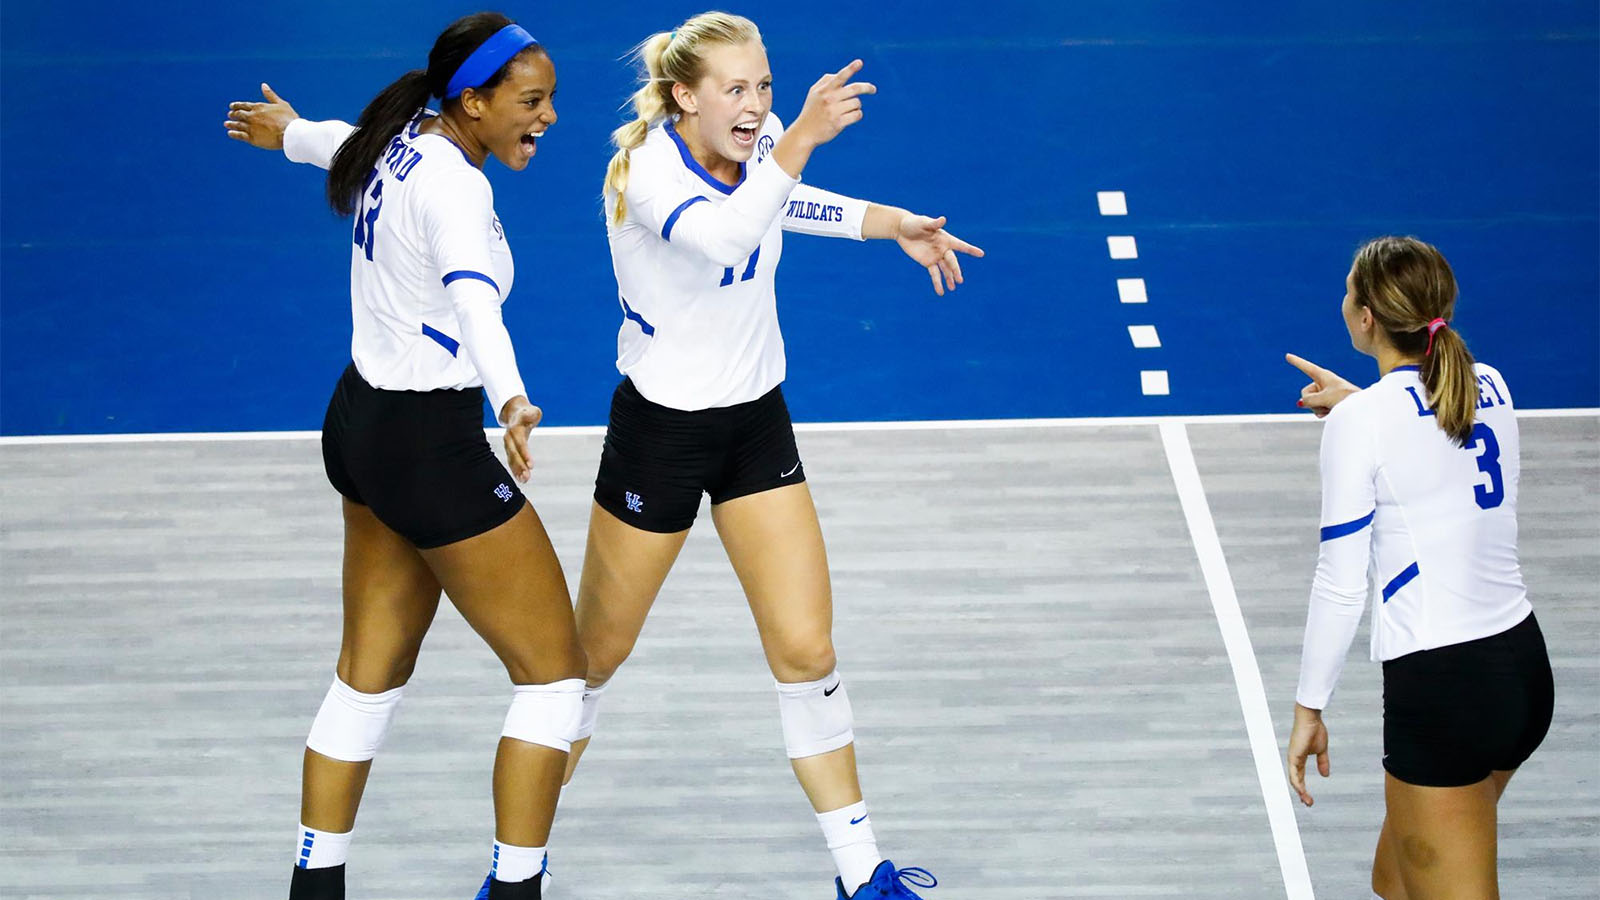 Alli Stumler Volleyball University Of Kentucky Athletics